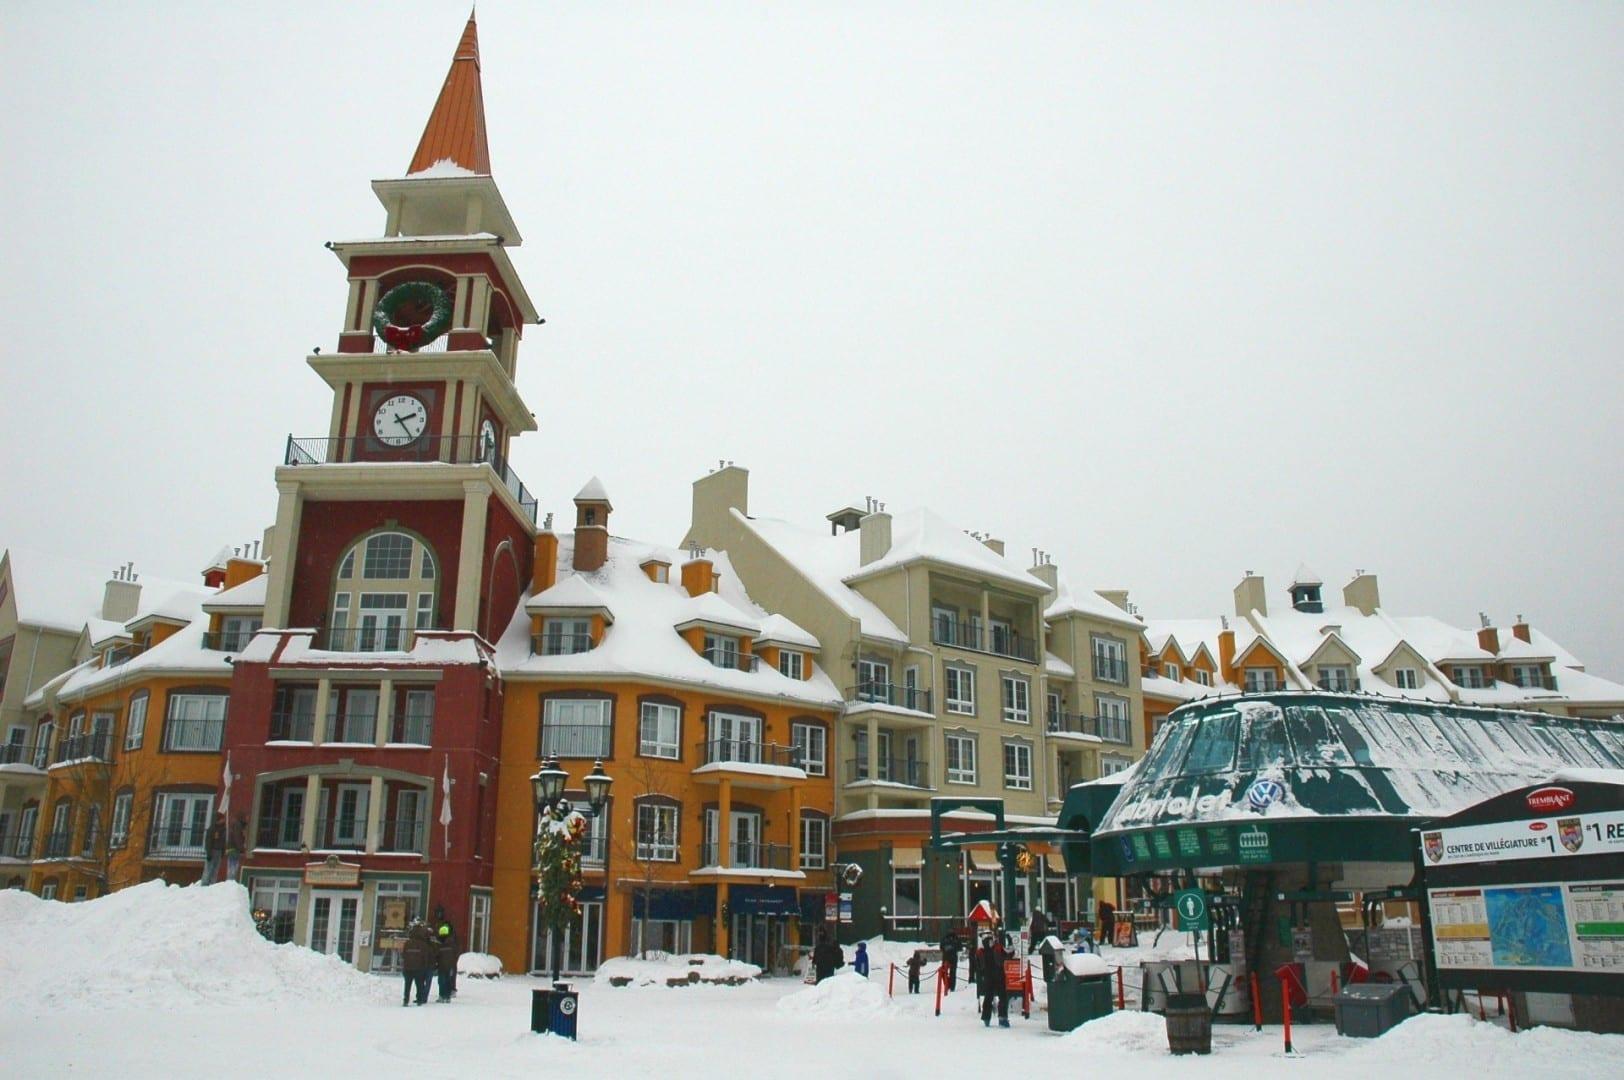 Los brillantes colores de la aldea baja después de una fuerte nevada Mont-Tremblant Canadá